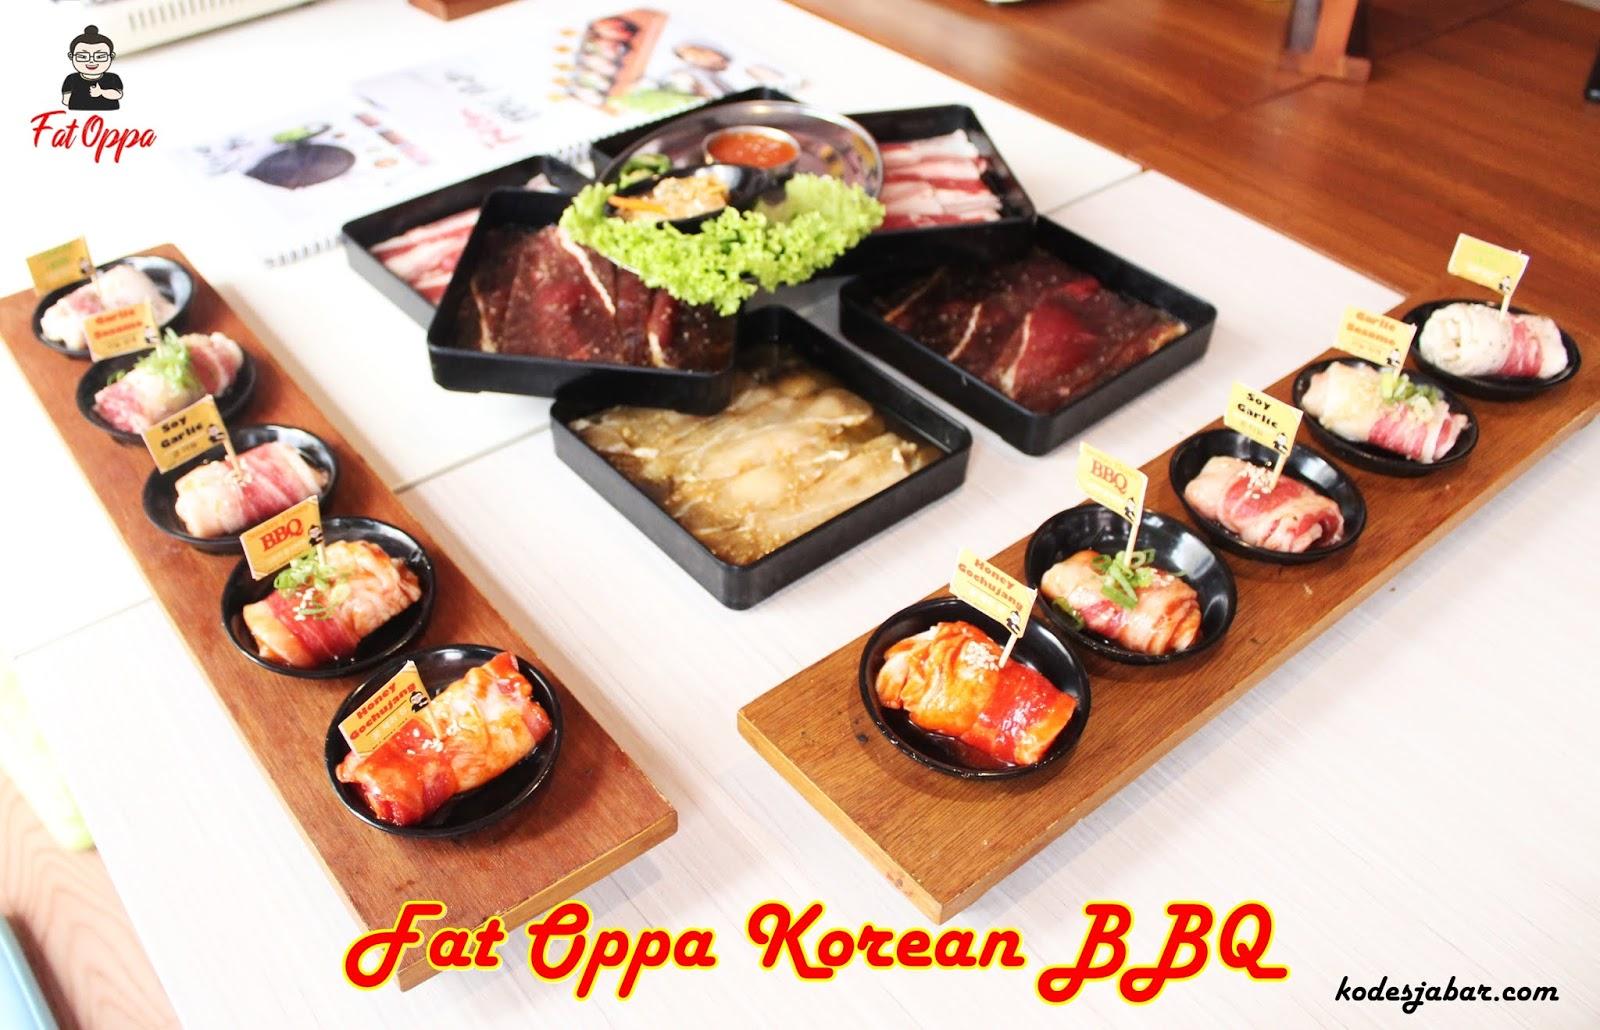 Korean BBQ Halal dan Murah di Fat Oppa Cimahi